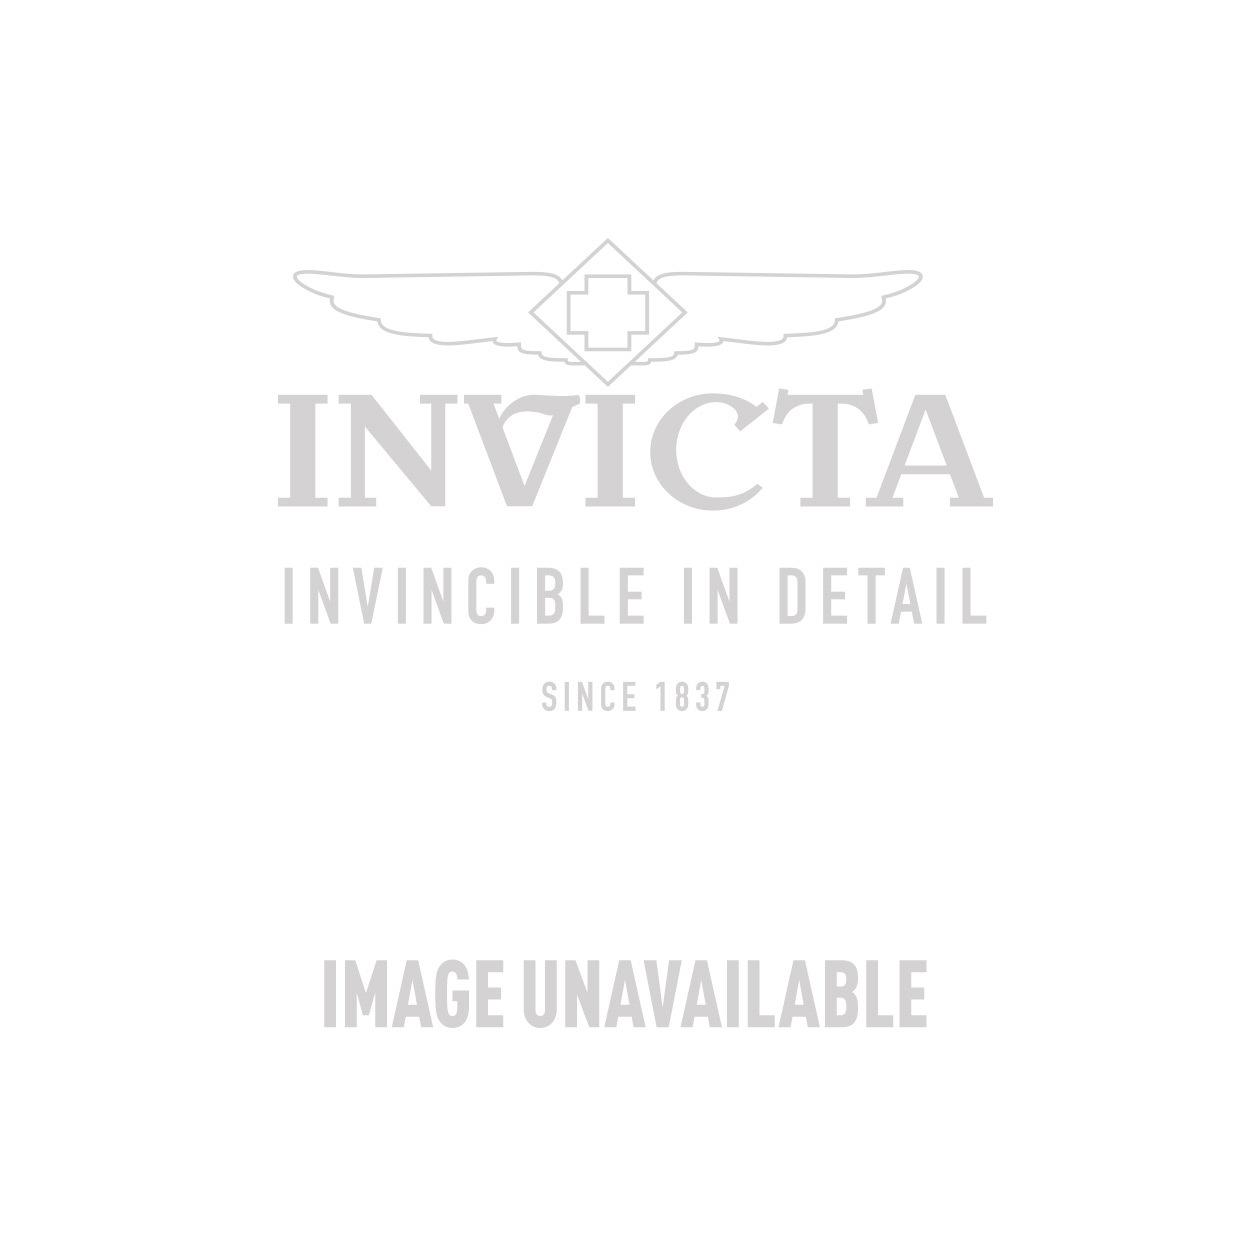 Invicta Model  25182